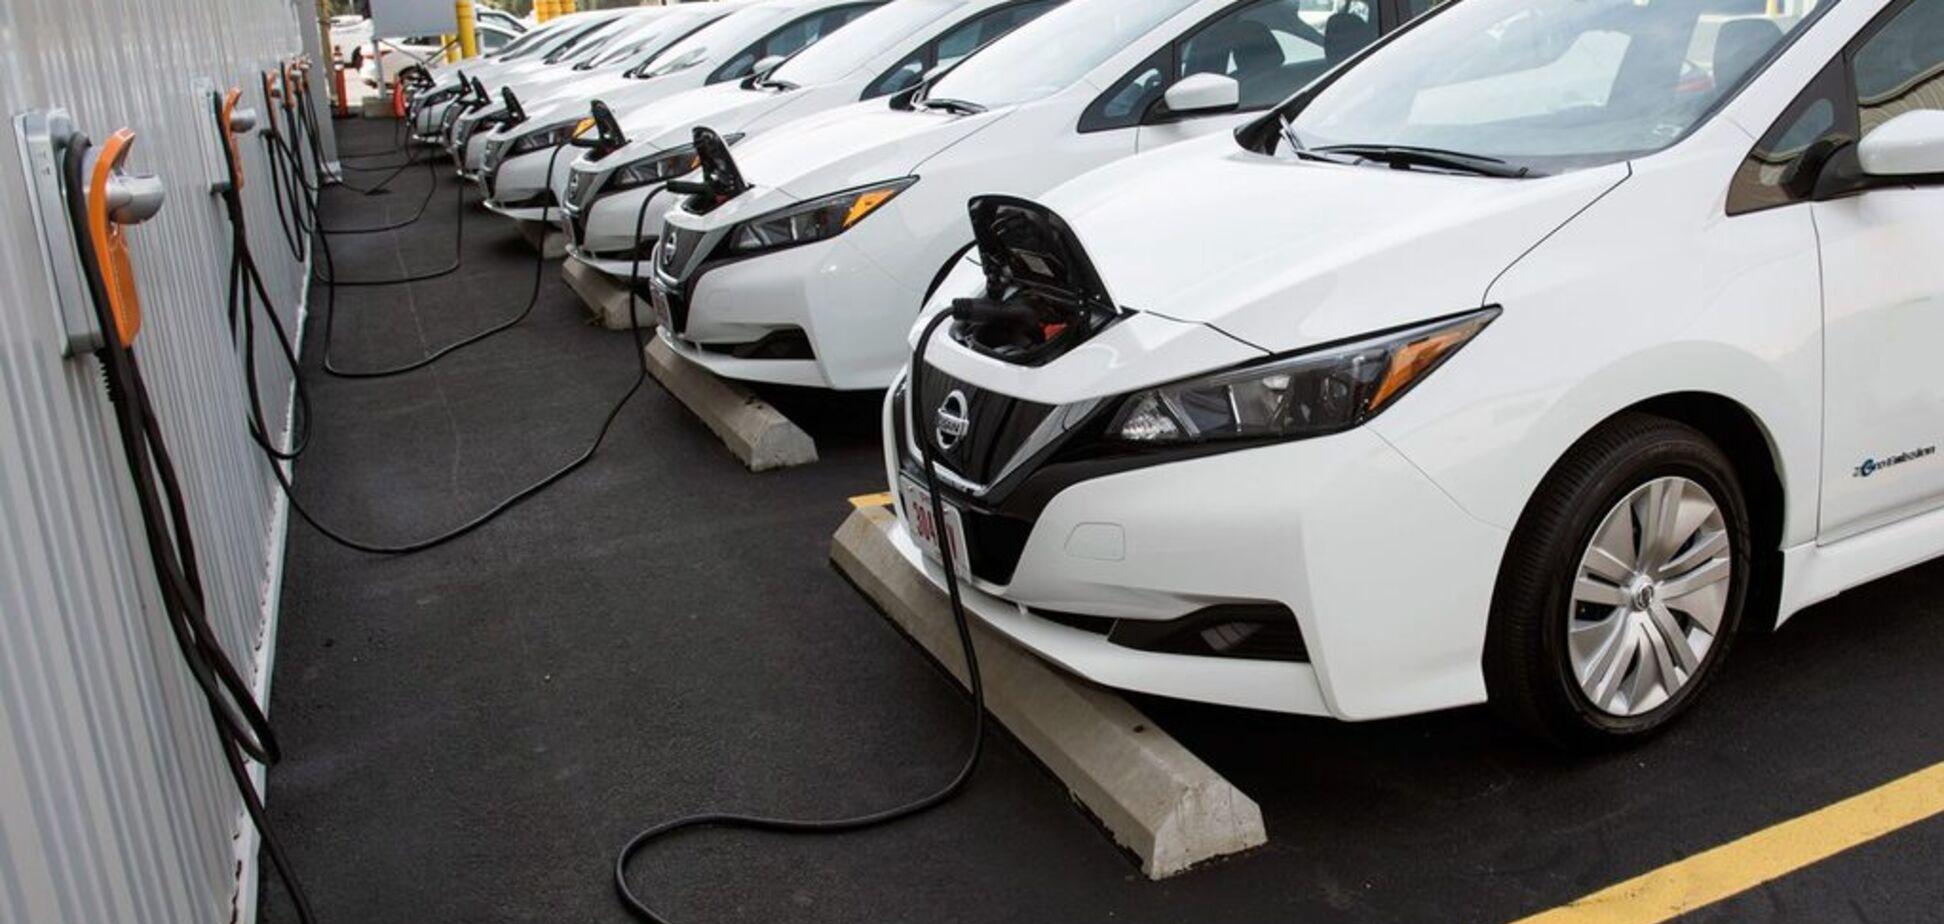 Загрожує криза? Електрокарам передбачили проблеми